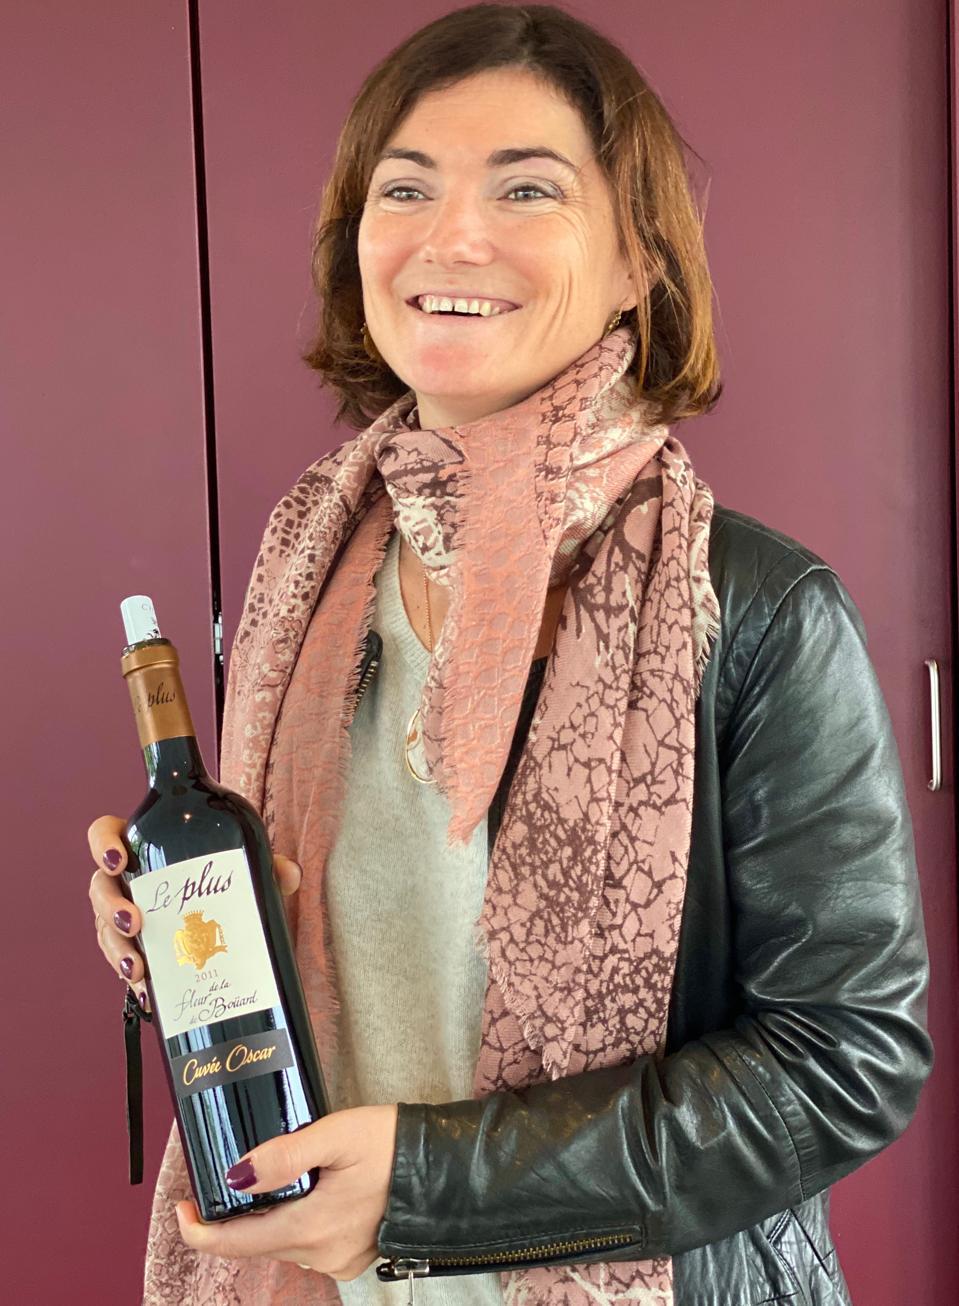 Owner/winemaker Coralie de Boüard